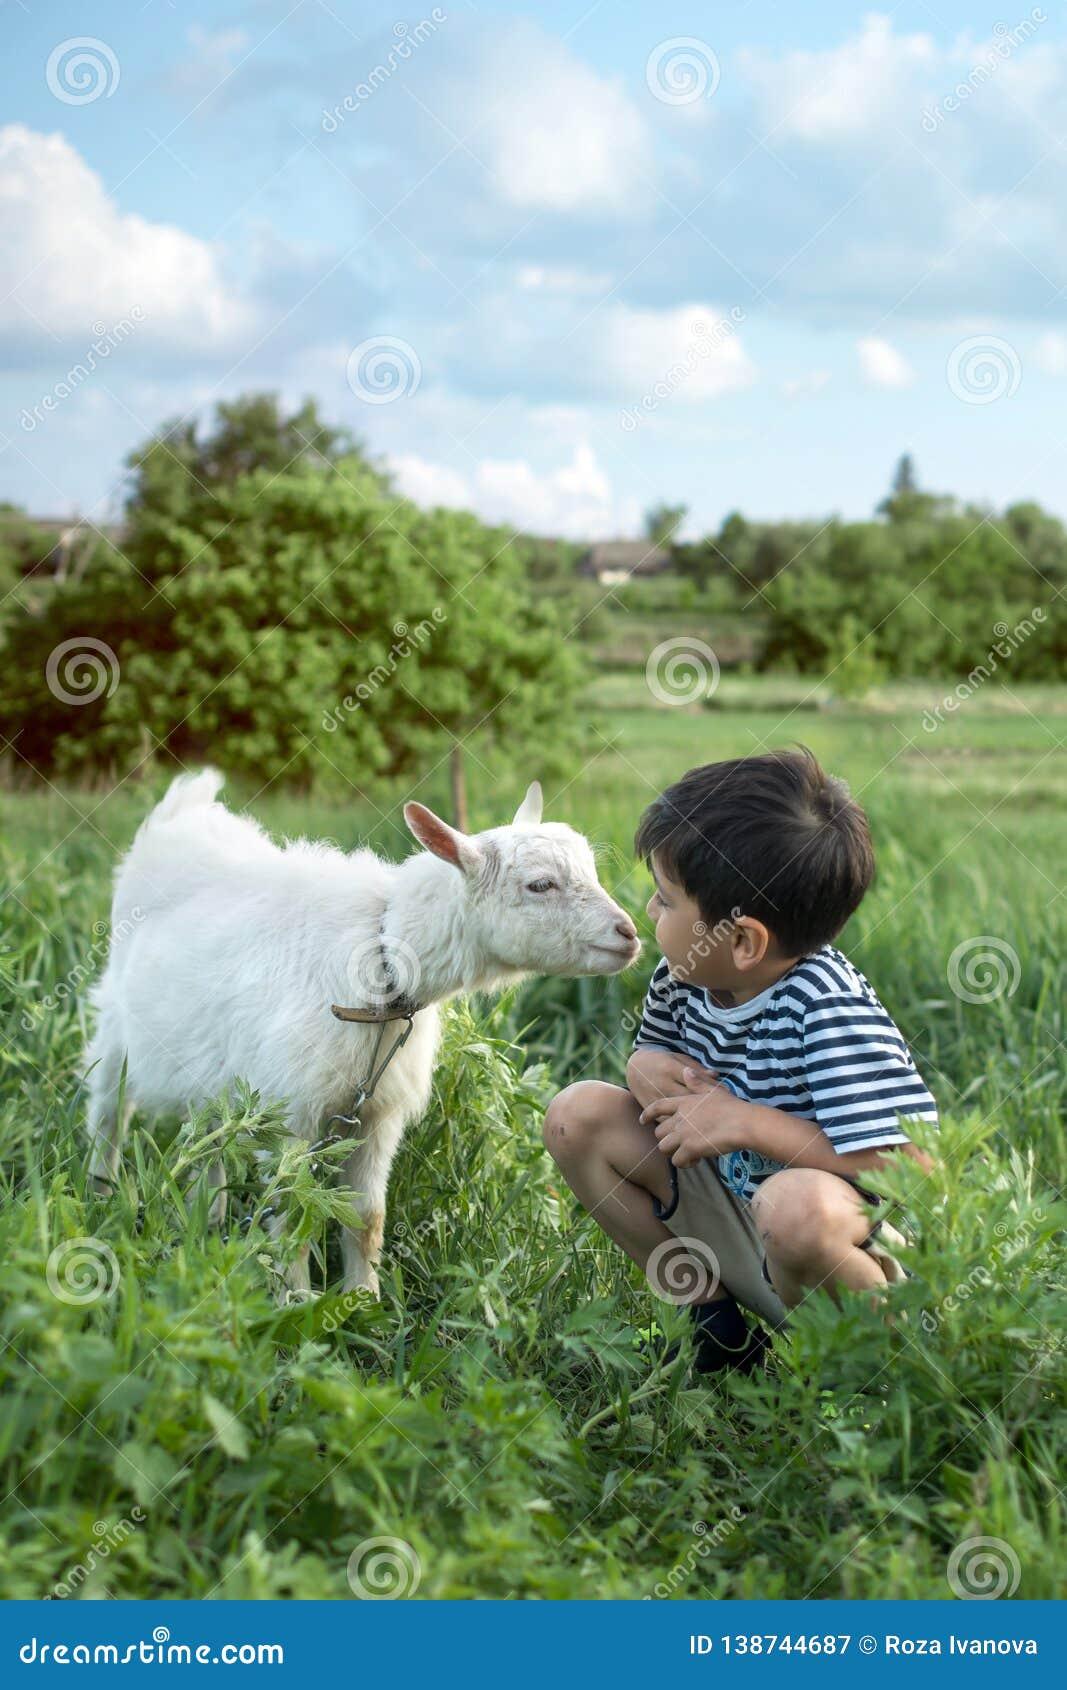 Een kleine jongen die gestript vest dragen hurkt en spreekt aan een witte geit op een gazon op een landbouwbedrijf zij elkaar att